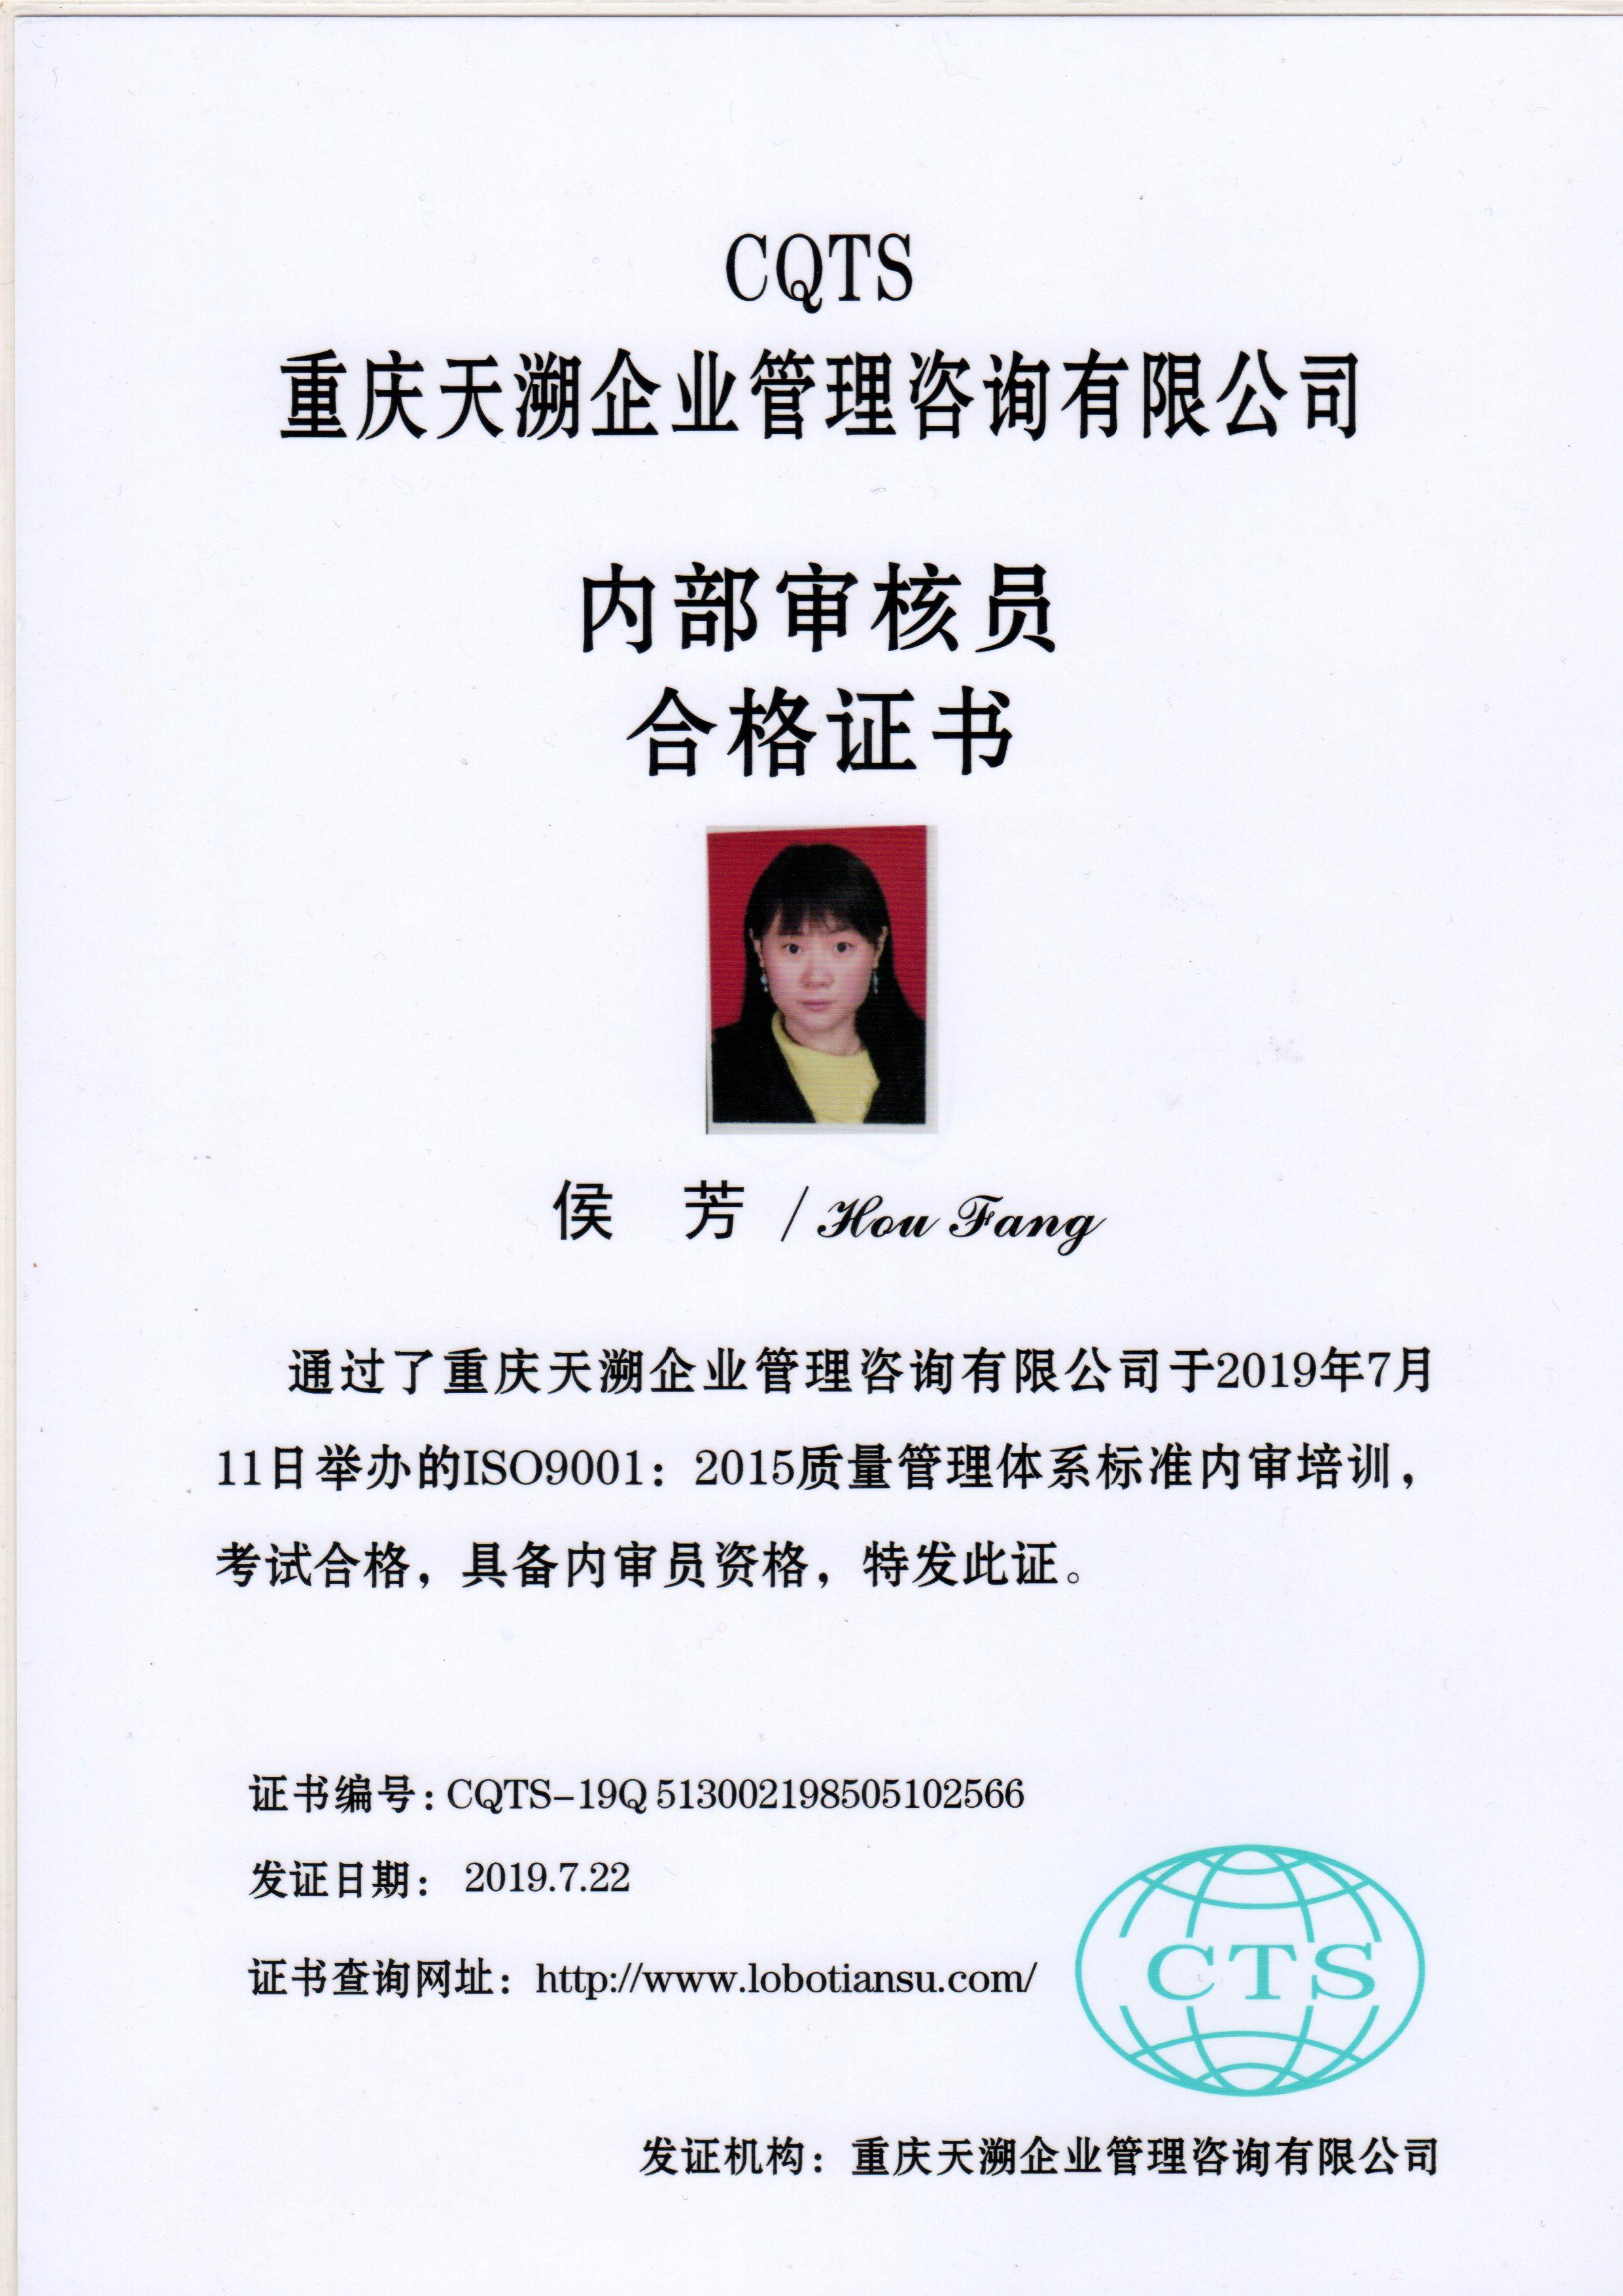 重庆iso9001认证